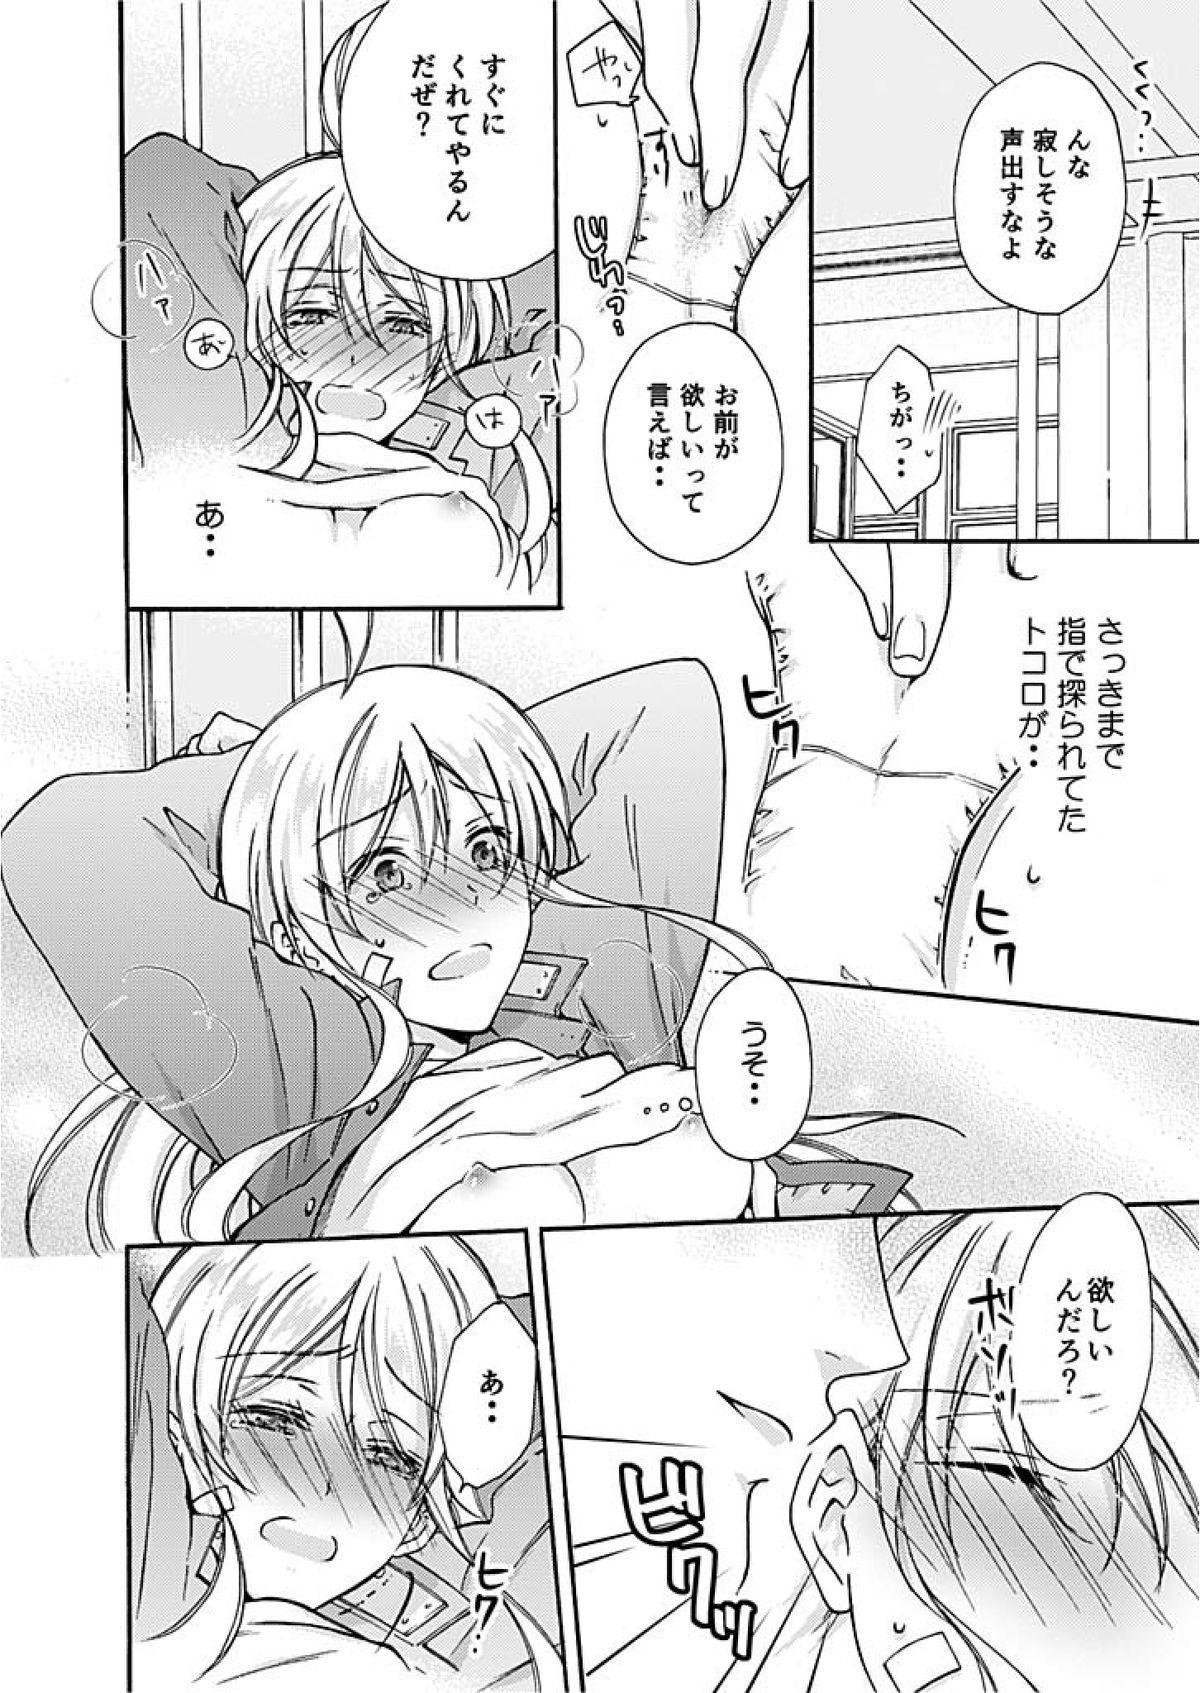 Nyotaika Yankee Gakuen ☆ Ore no Hajimete, Nerawaretemasu. 2 28